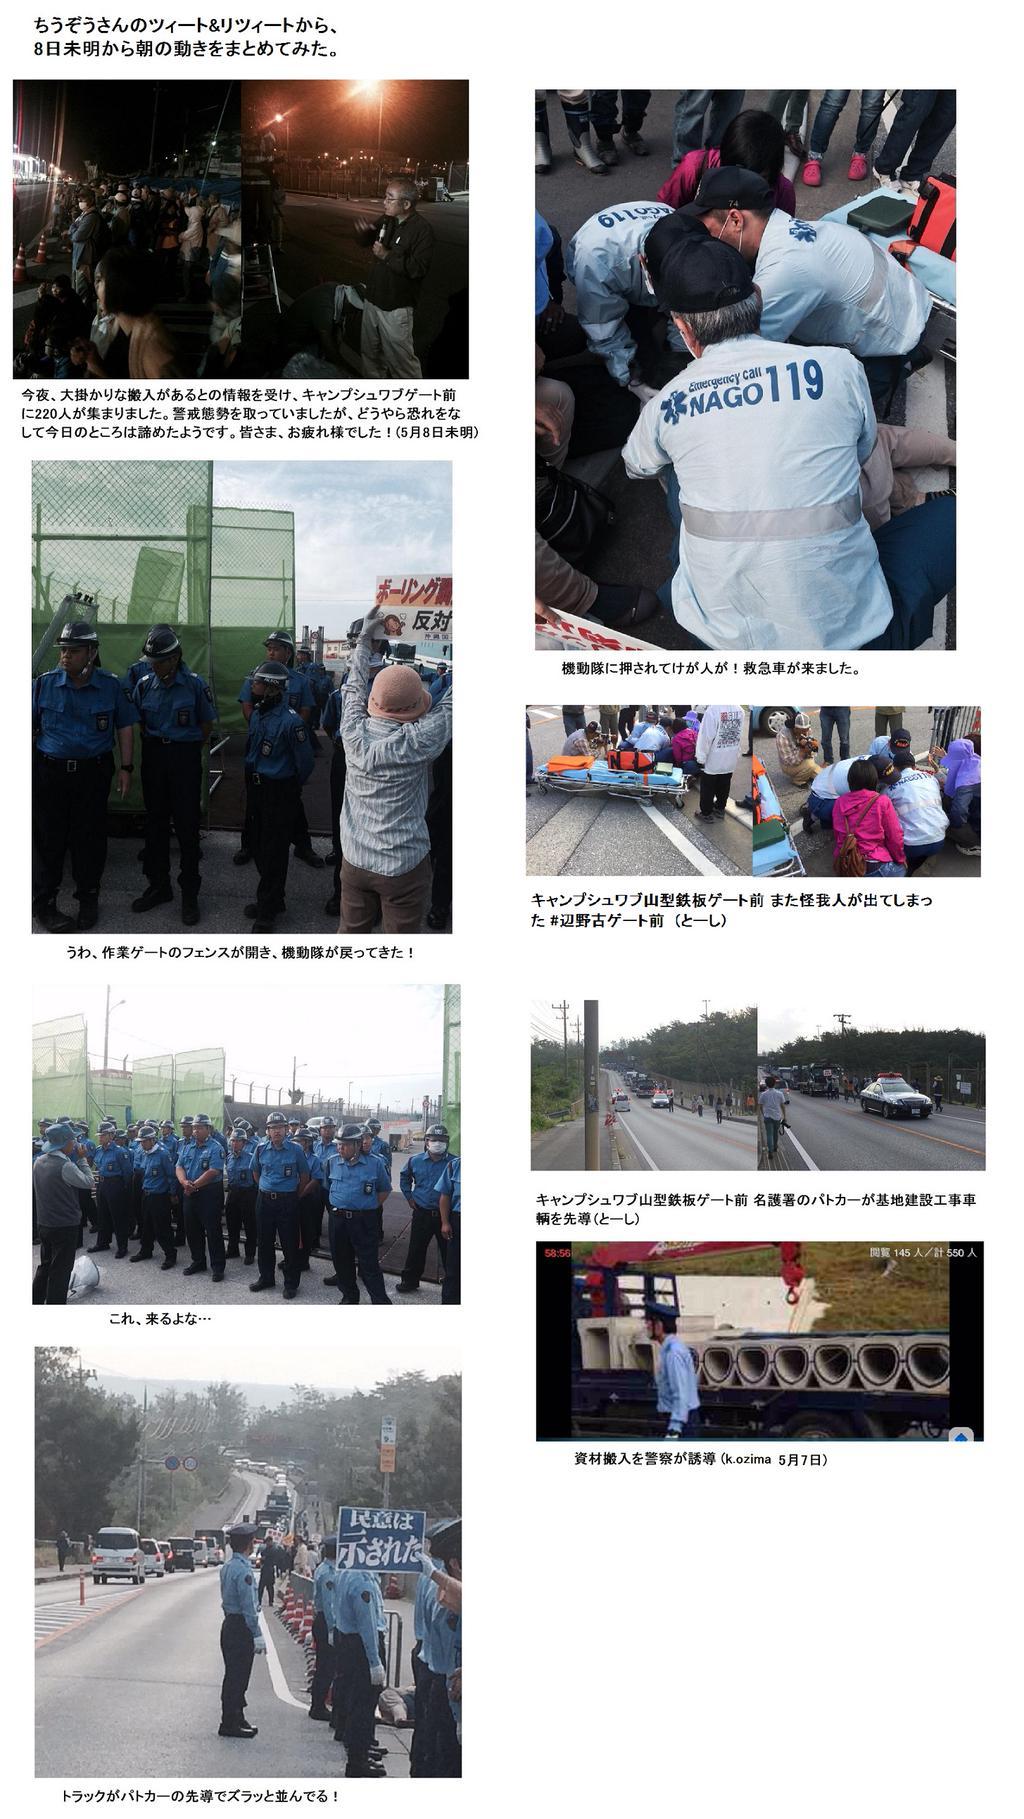 海保、陸上で強制排除 弁護士「違法な暴行」 ほか_f0212121_22181245.jpg